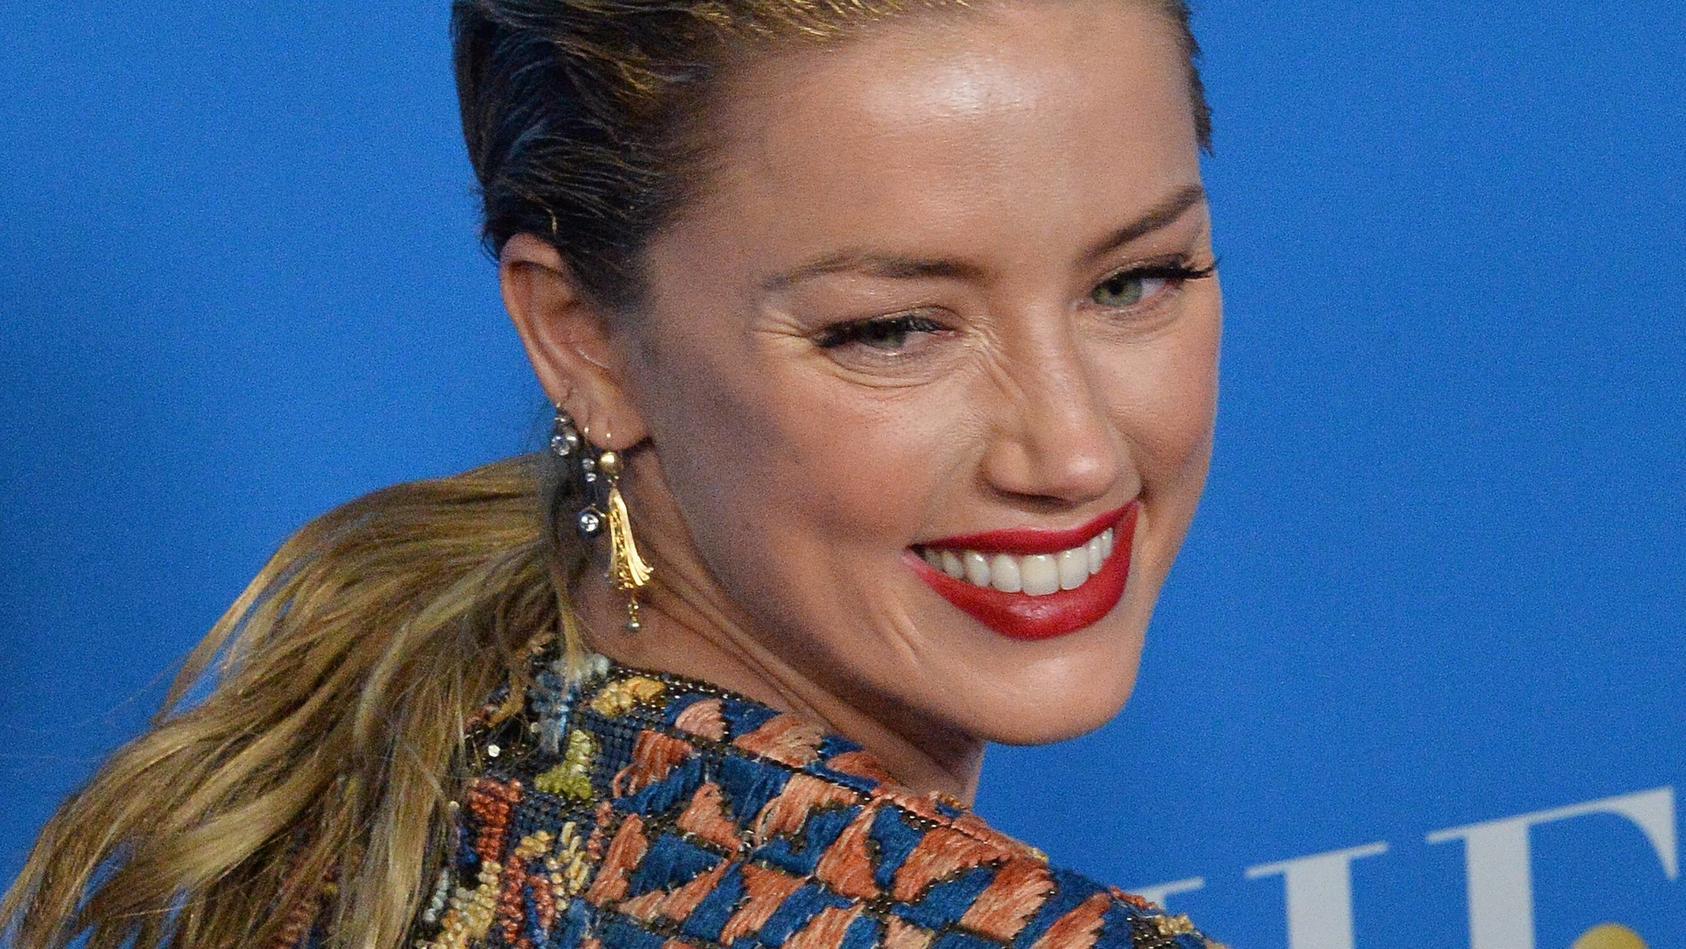 Schauspielerin Amber Heard ist überraschend Mama geworden.